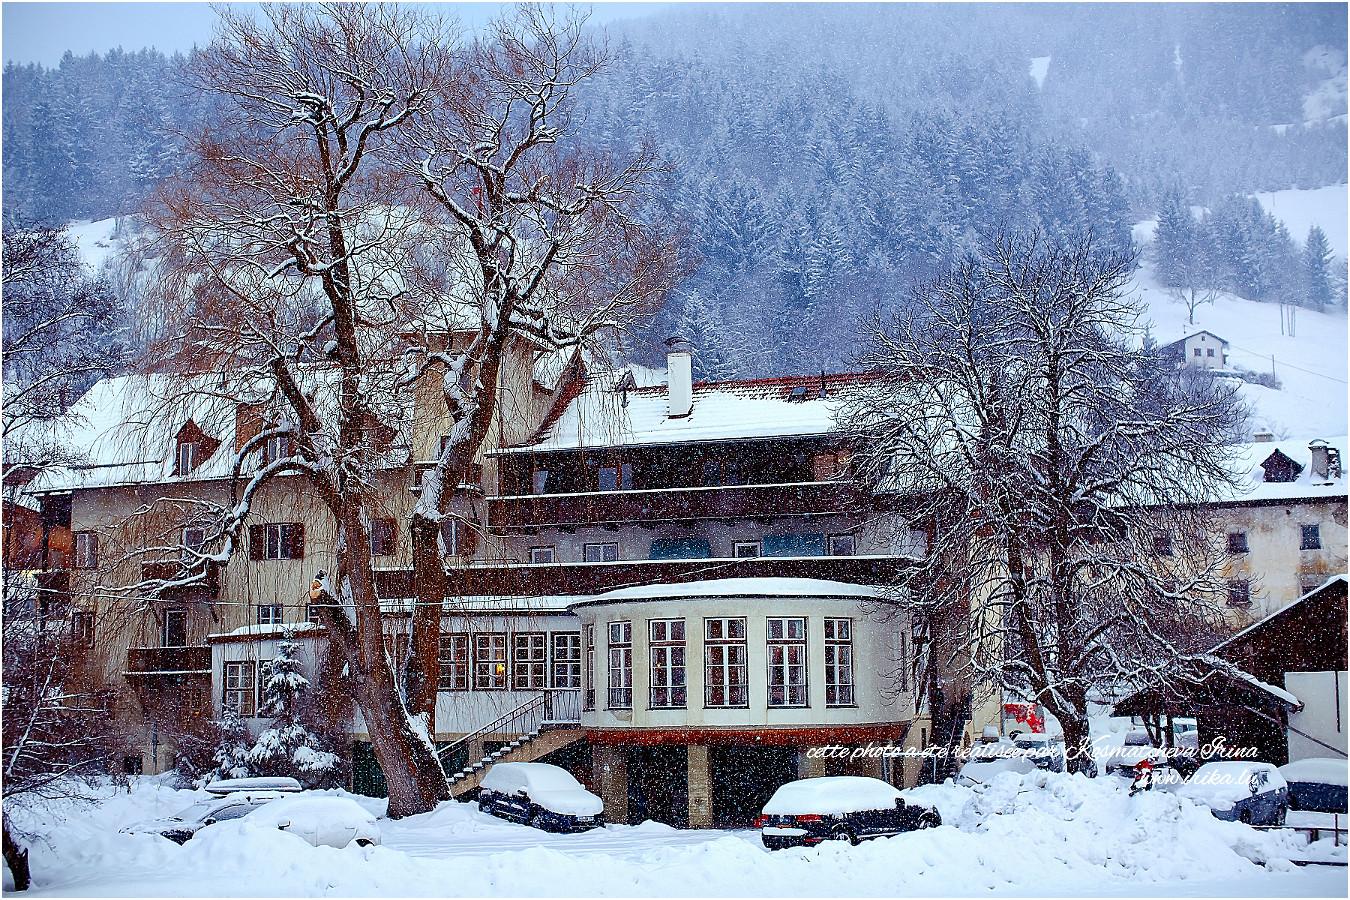 Haut dans les Alpes, soiréee neigeuse